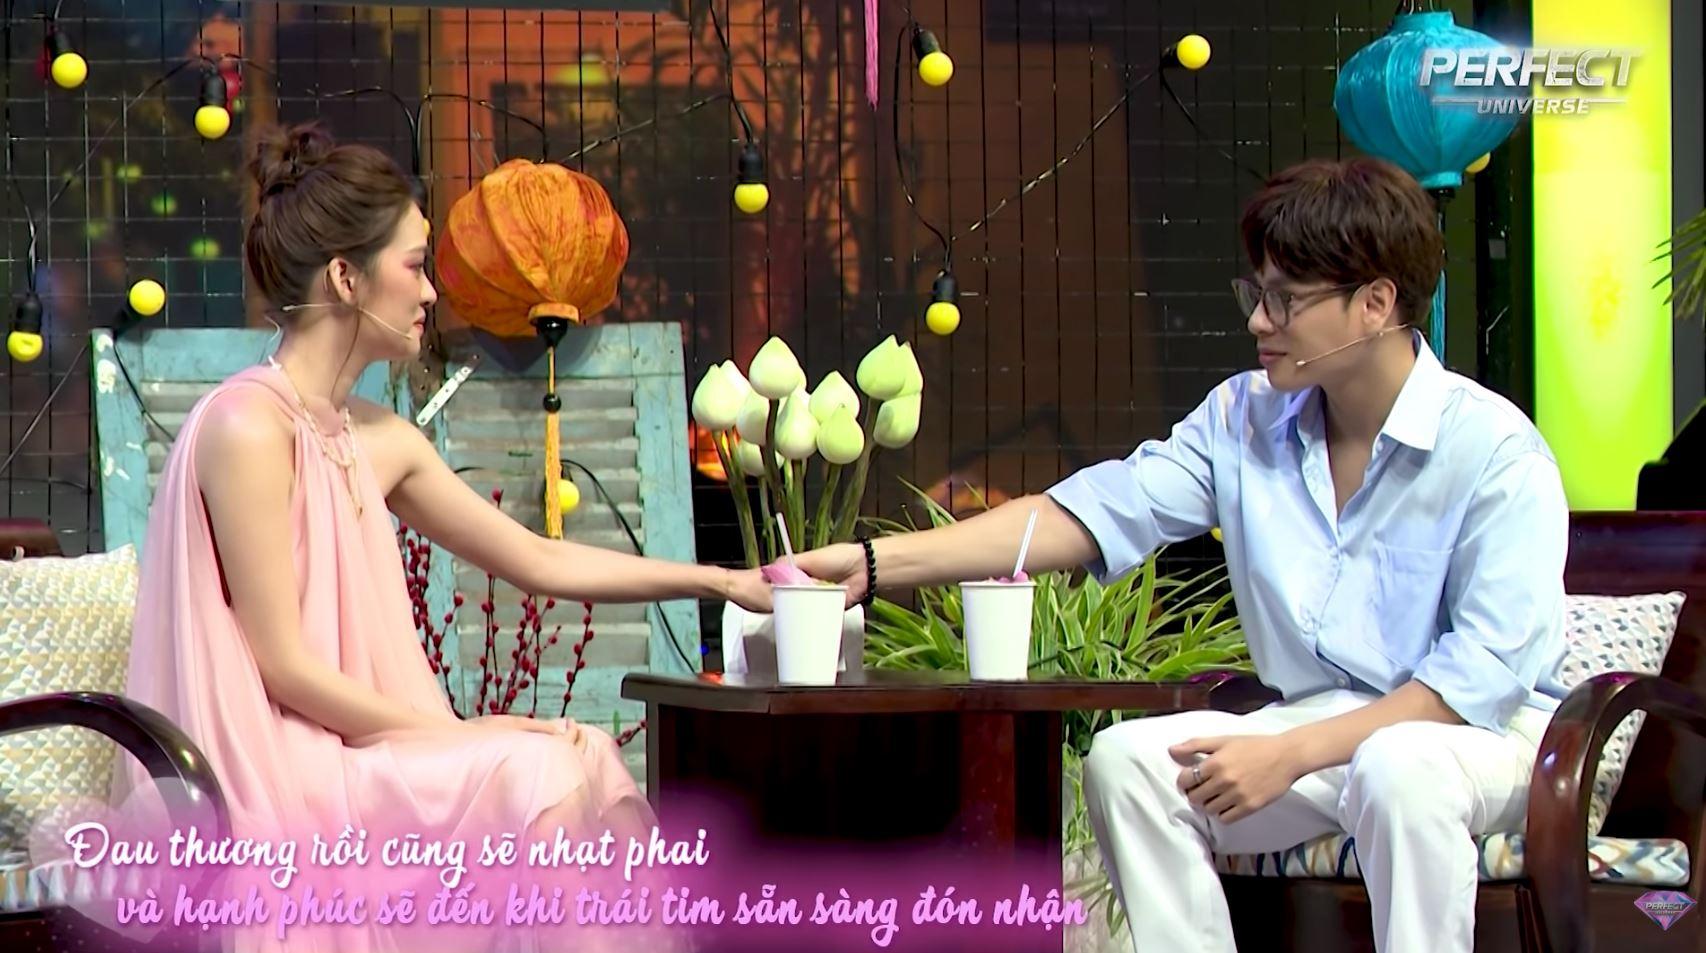 Trương Hoàng Mai Anh đồng ý trở về, hẹn hò cùng Jaykii